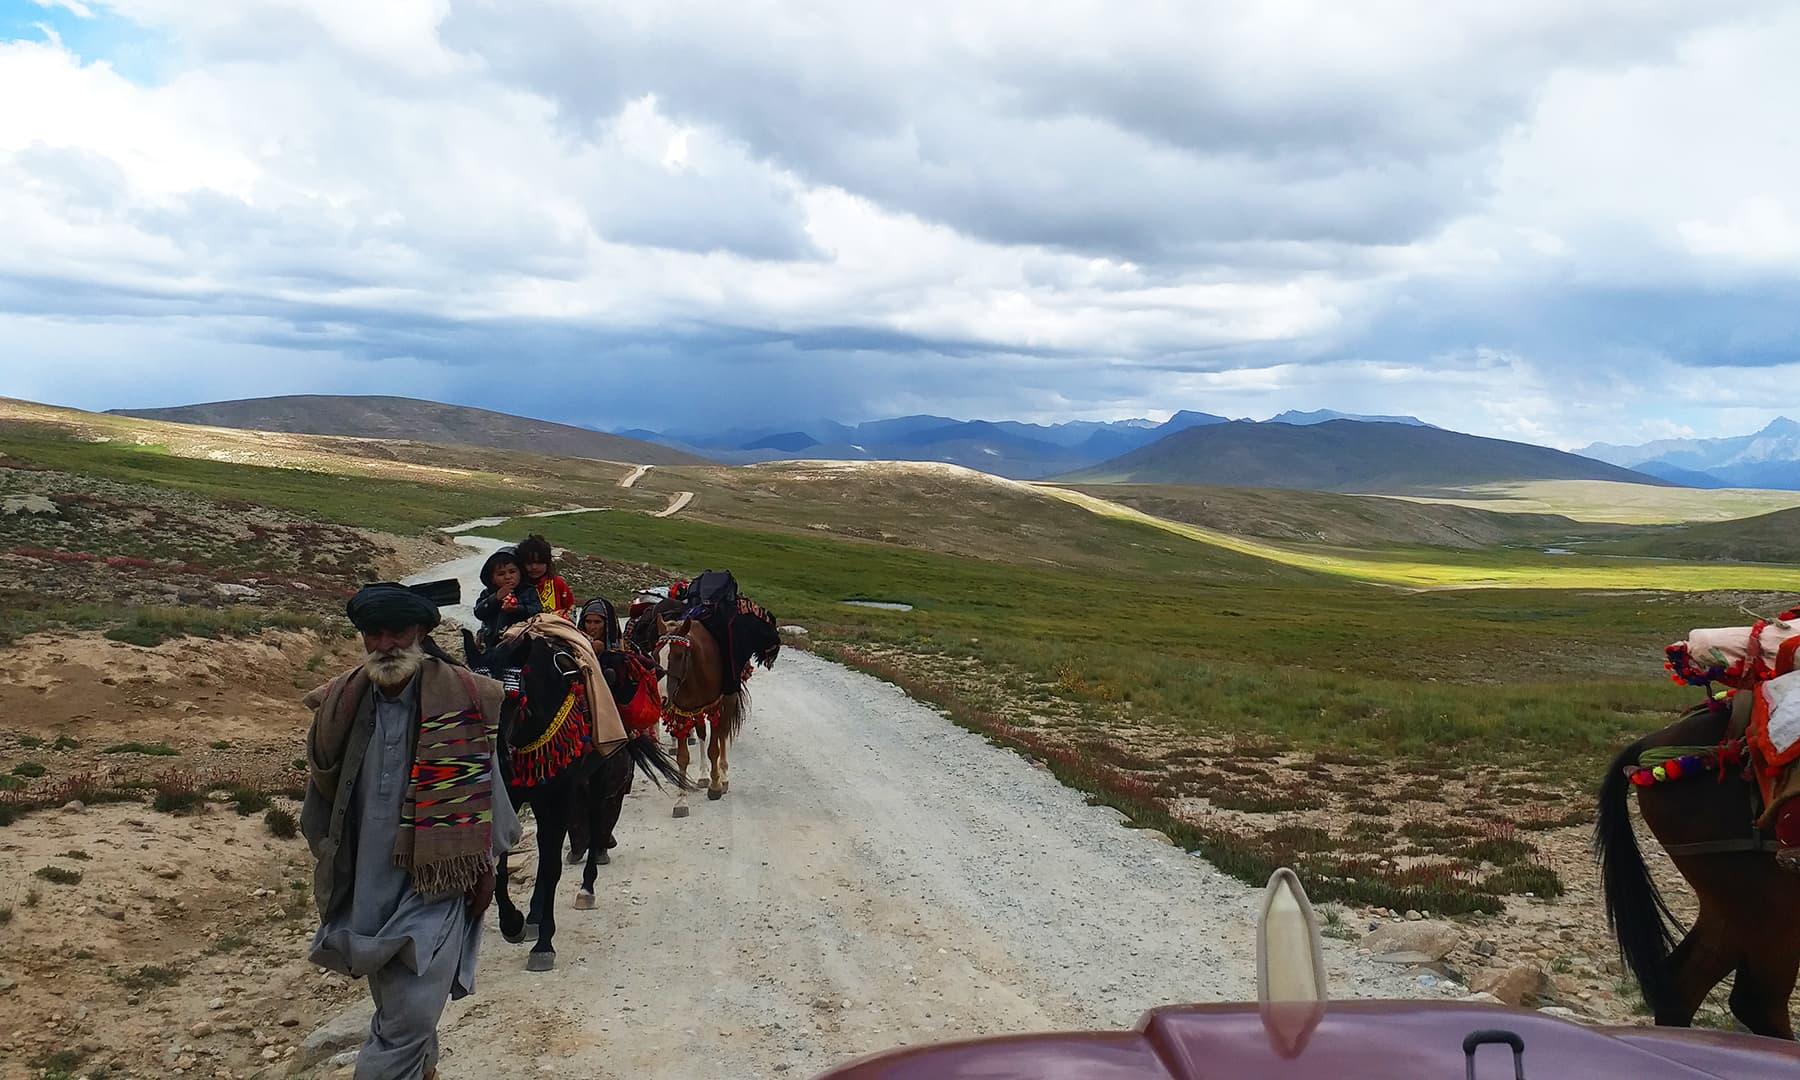 3 ماہ کے لیے دیوسائی کے باشندے نقل مکانی کر رہے ہیں— تصویر ملک سجاد مہمند